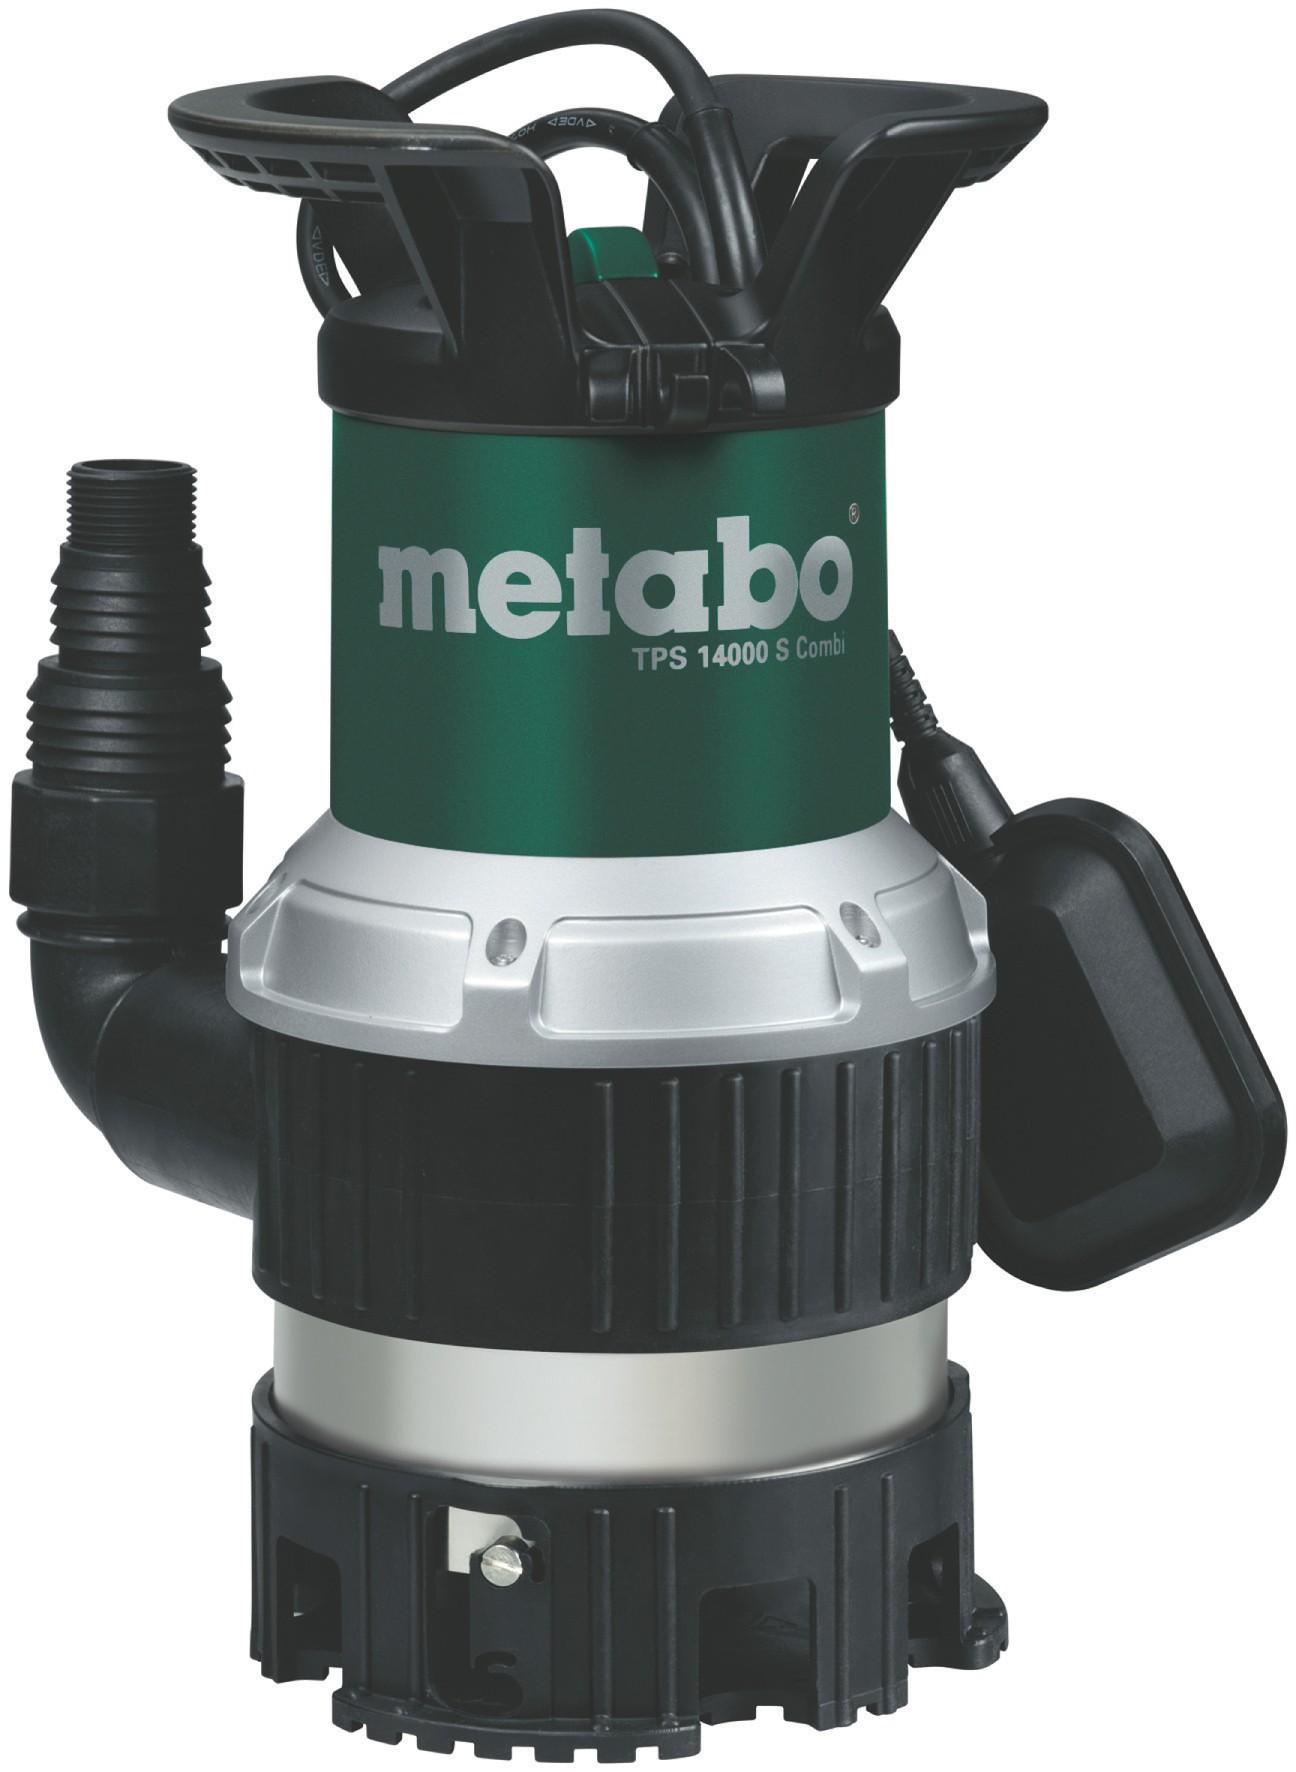 Metabo Kombi Tauchpumpe TPS 14000 S Combi 770 Watt Bild 1